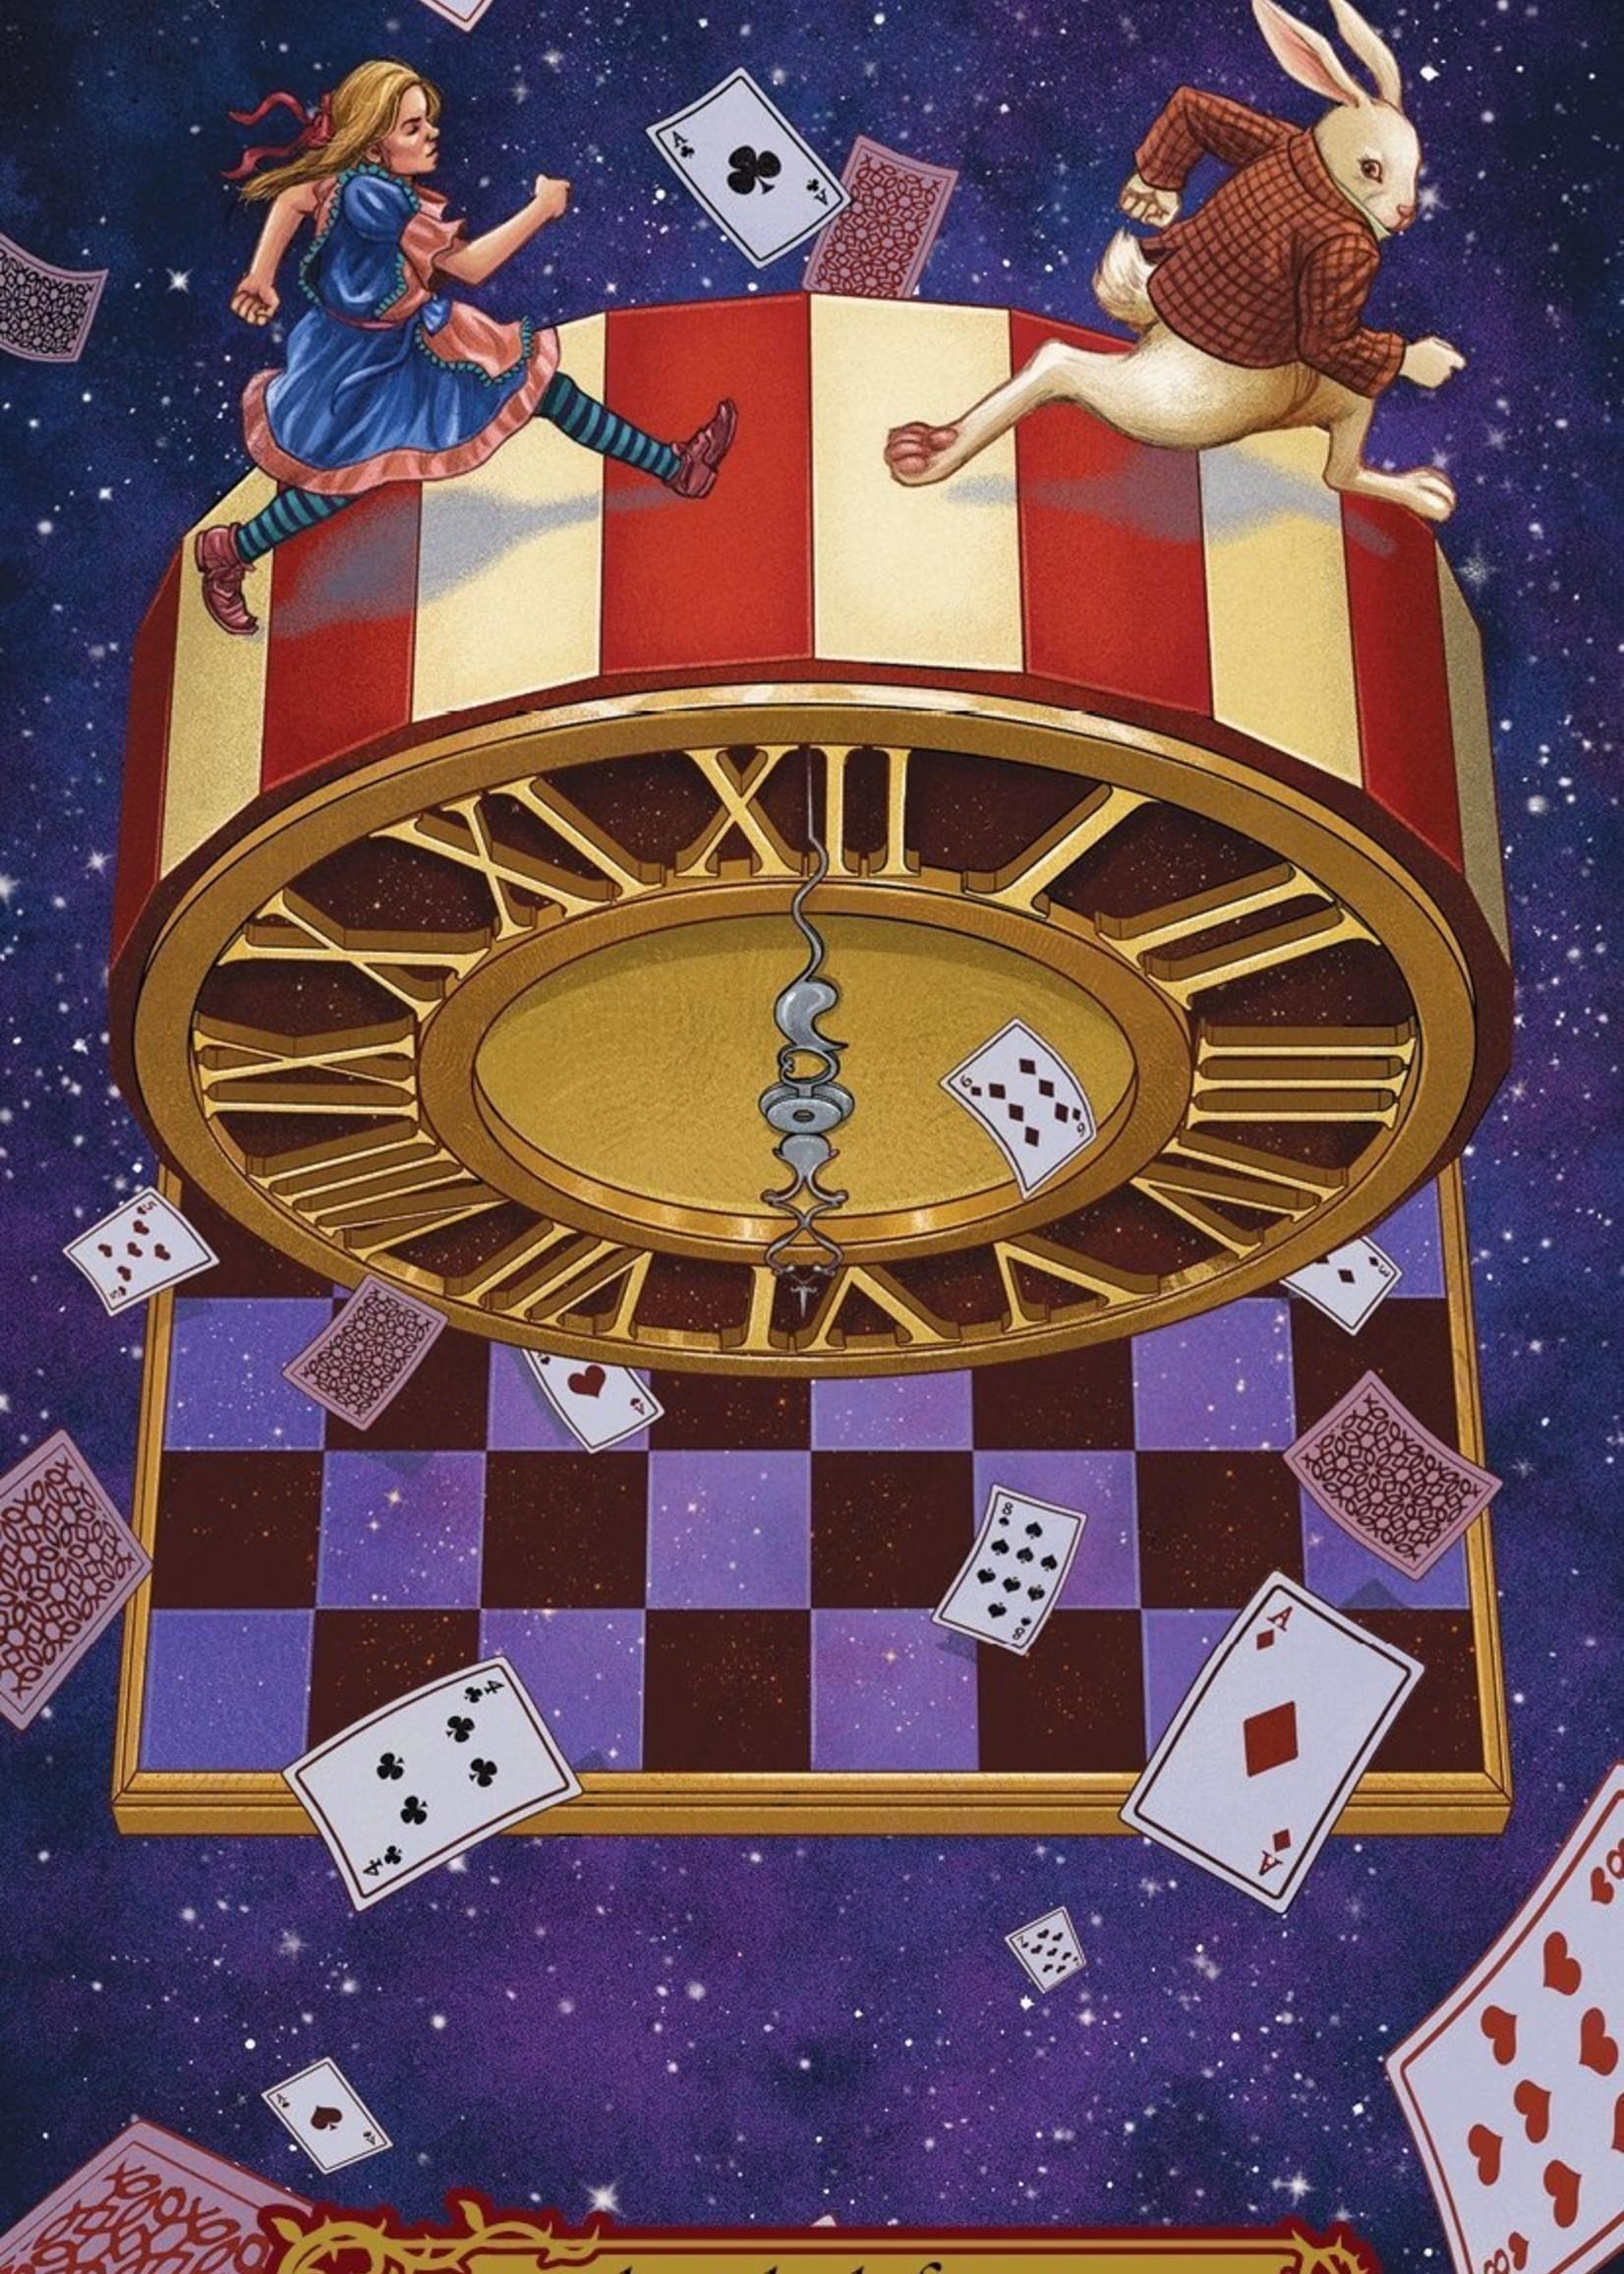 Deck Tarot in Wonderland